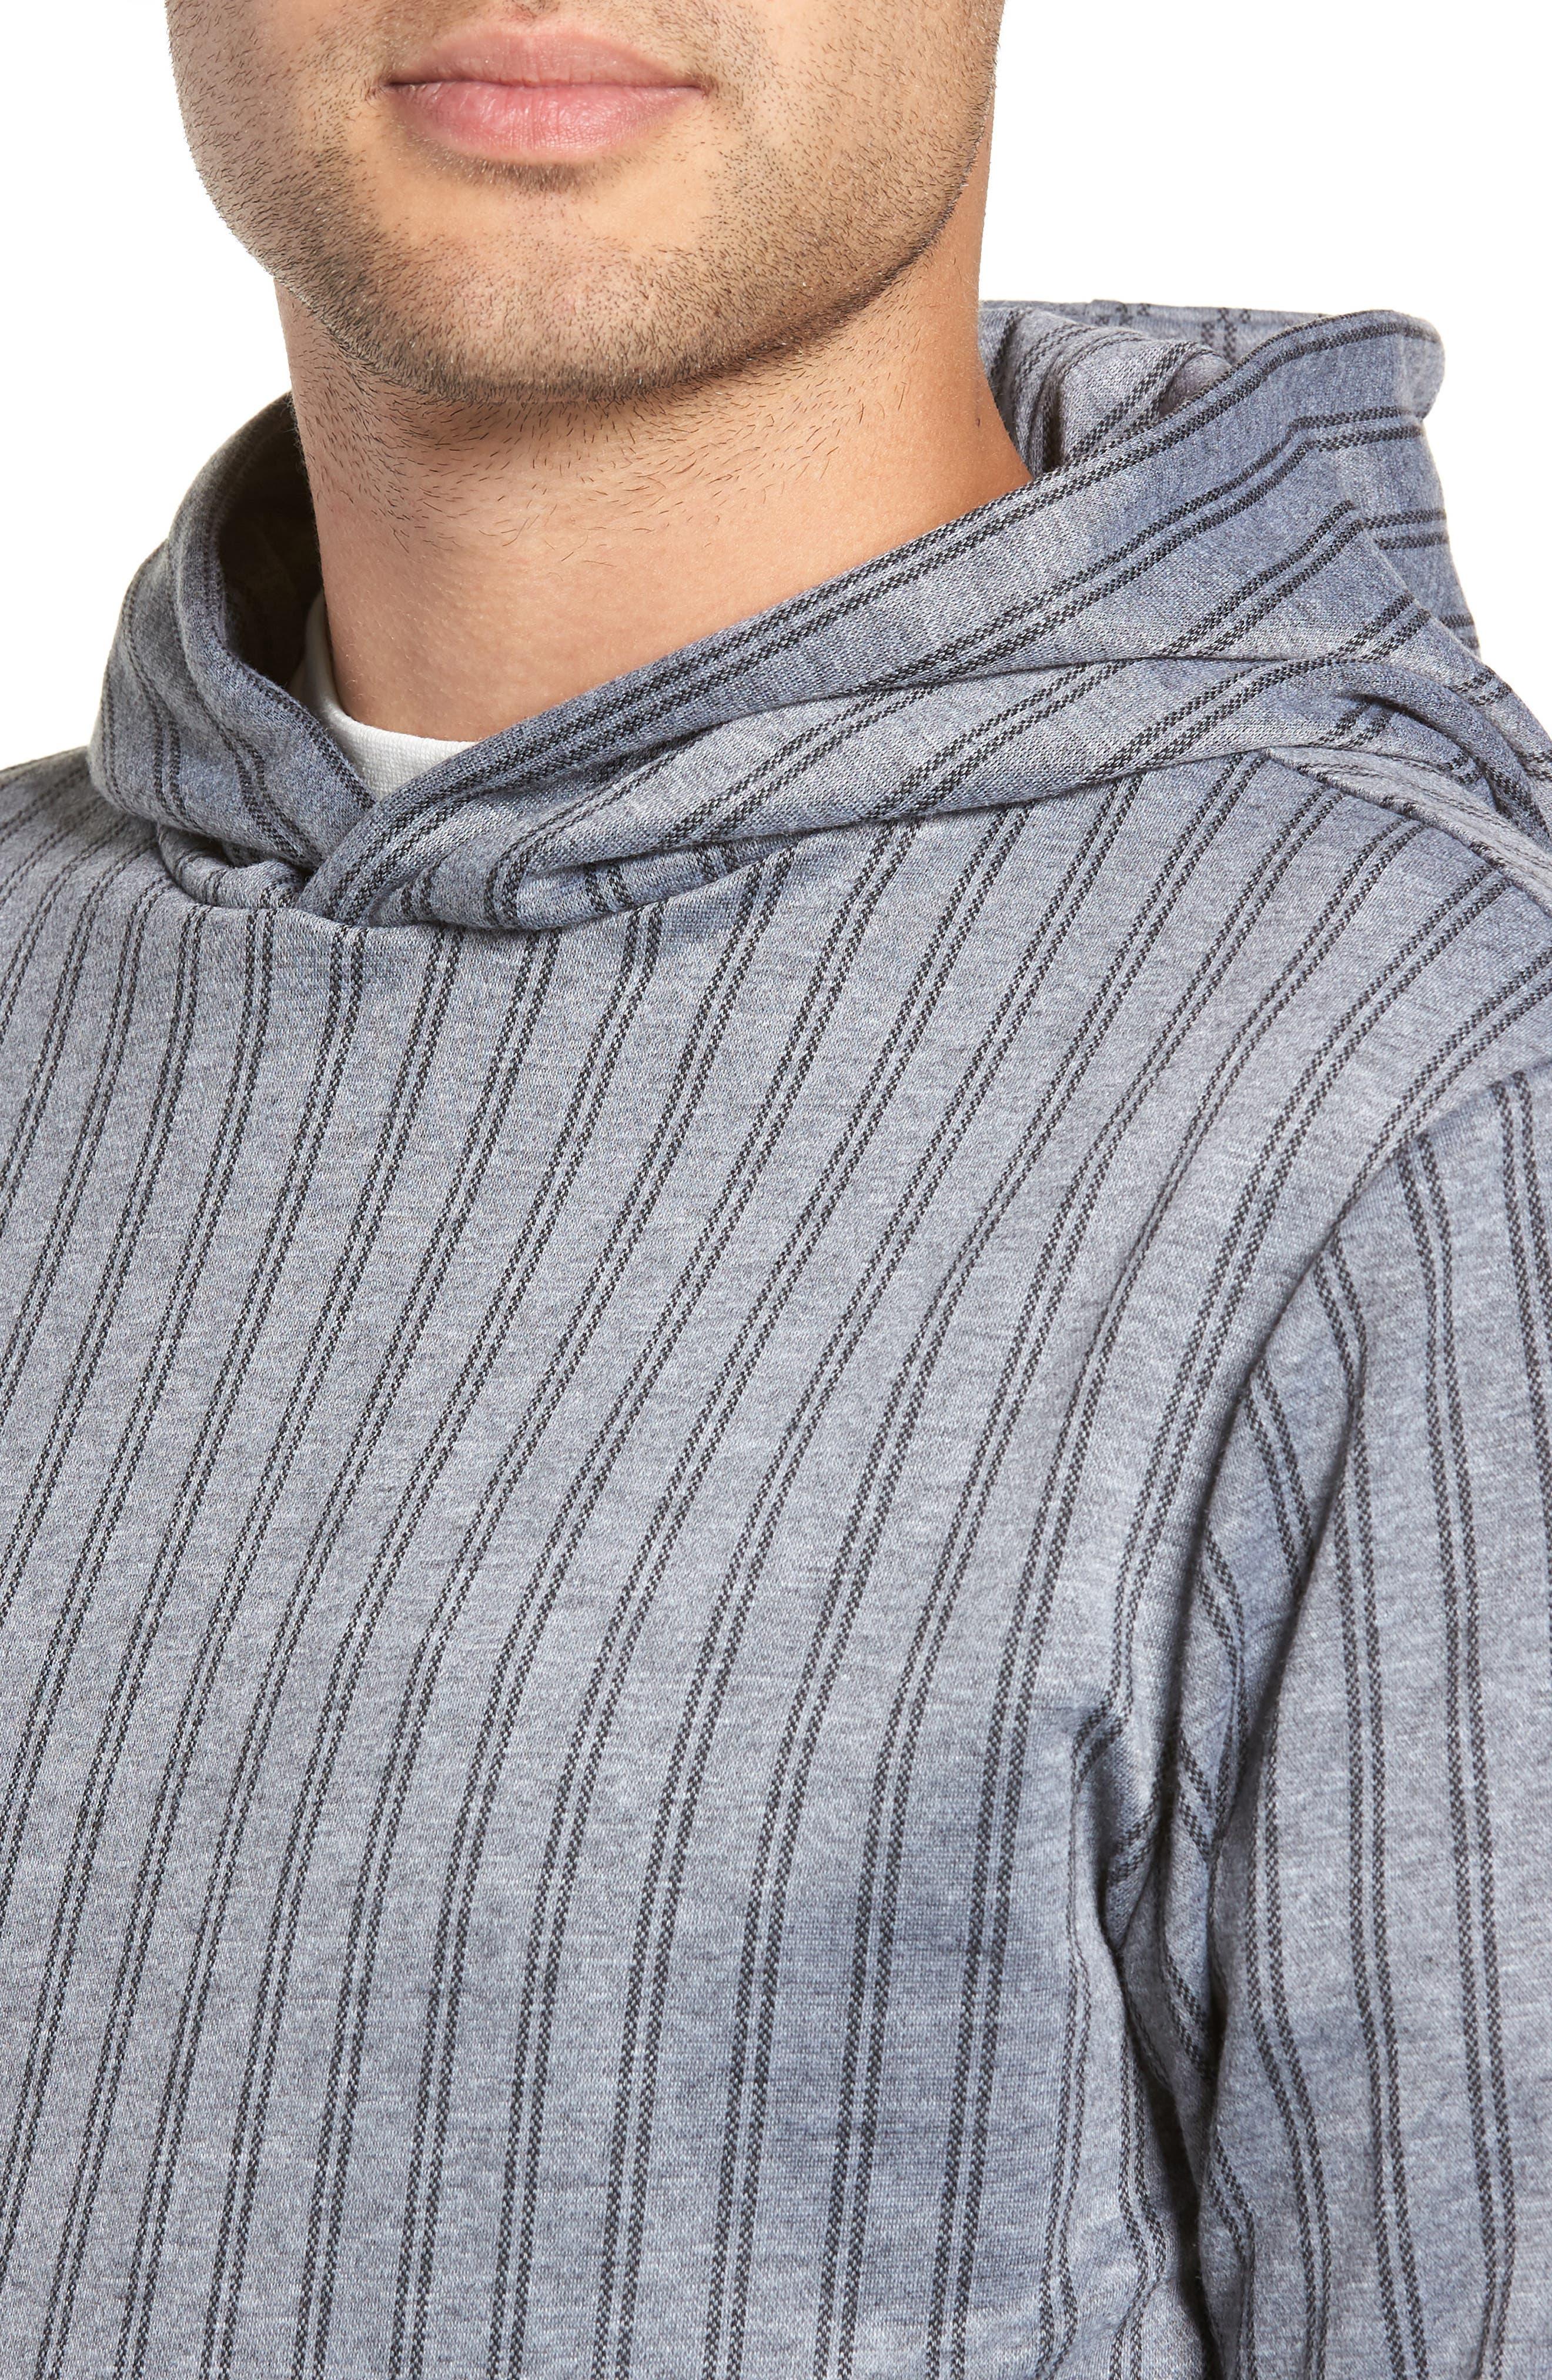 Pinstripe Hoodie,                             Alternate thumbnail 4, color,                             020